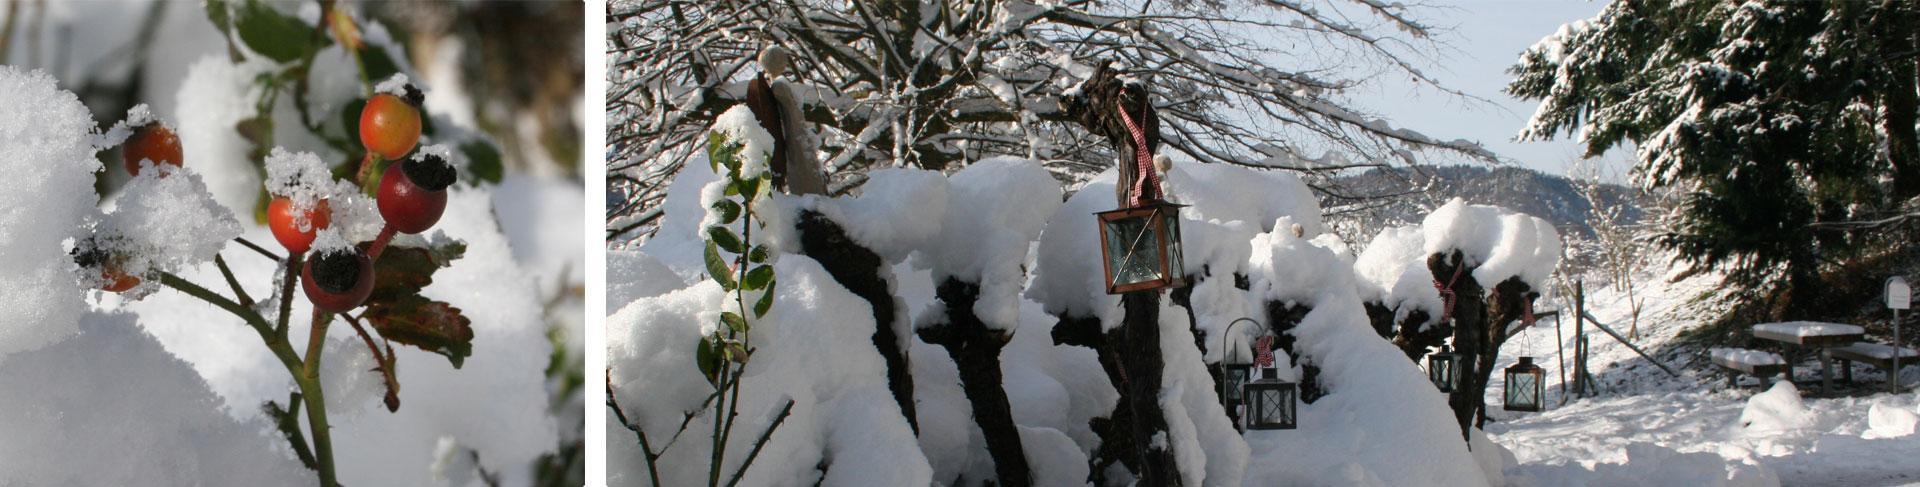 Der Garten direkt am Winzerpfad ideal für Spaziergänge